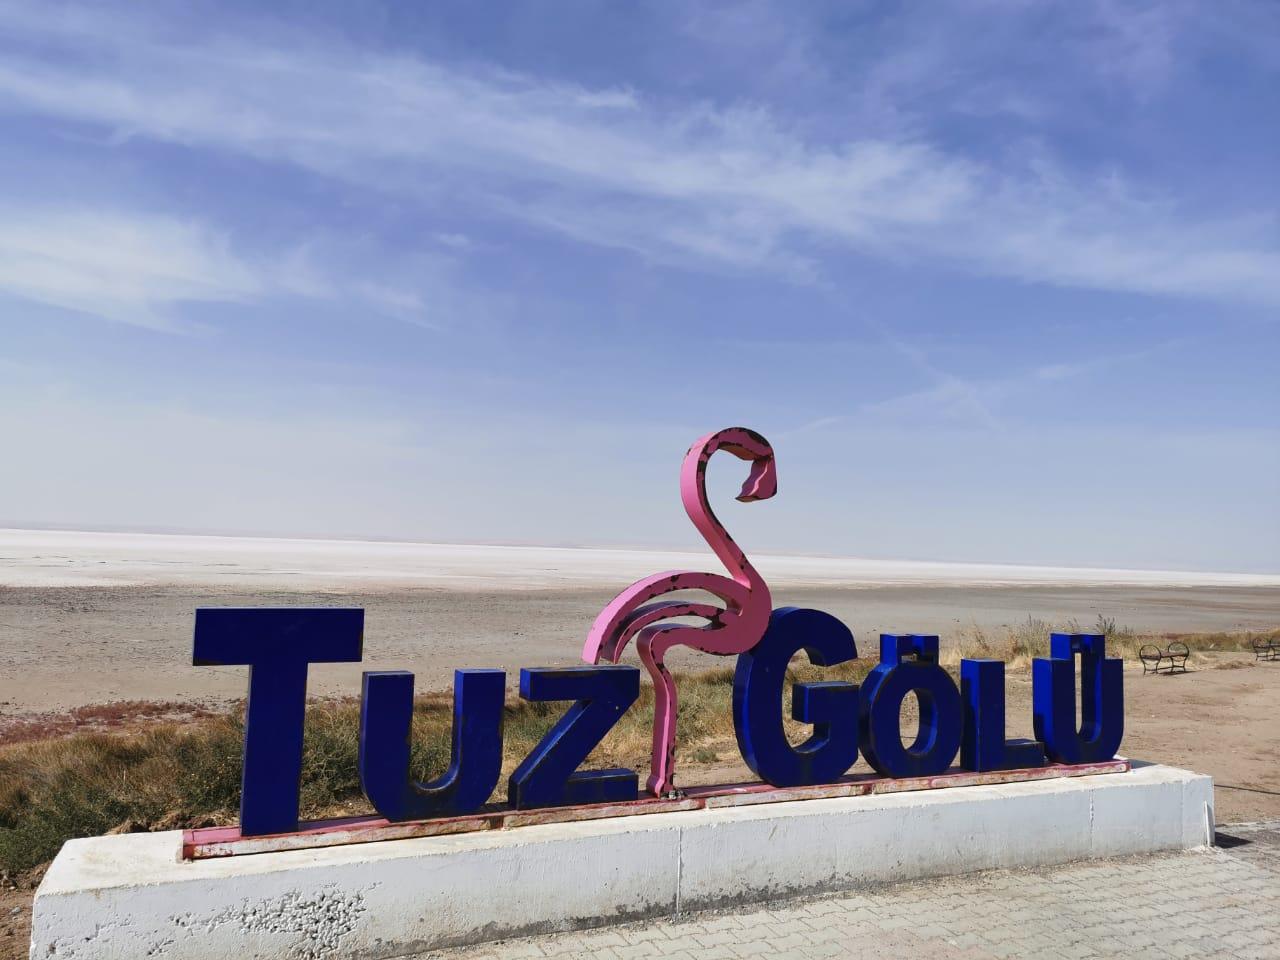 в турцию на машине из России в 2020 году соленое озеро Туз после Анкары